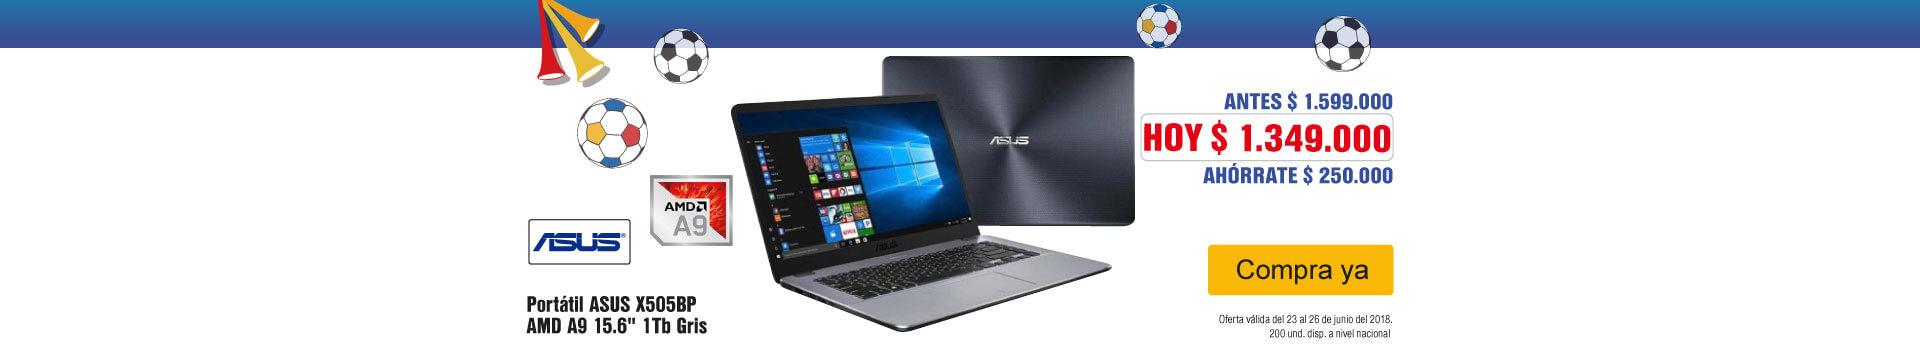 AK-KT-HIPER-2-computadores y tablets-PP---Asus-portatil X505BP-Jun23